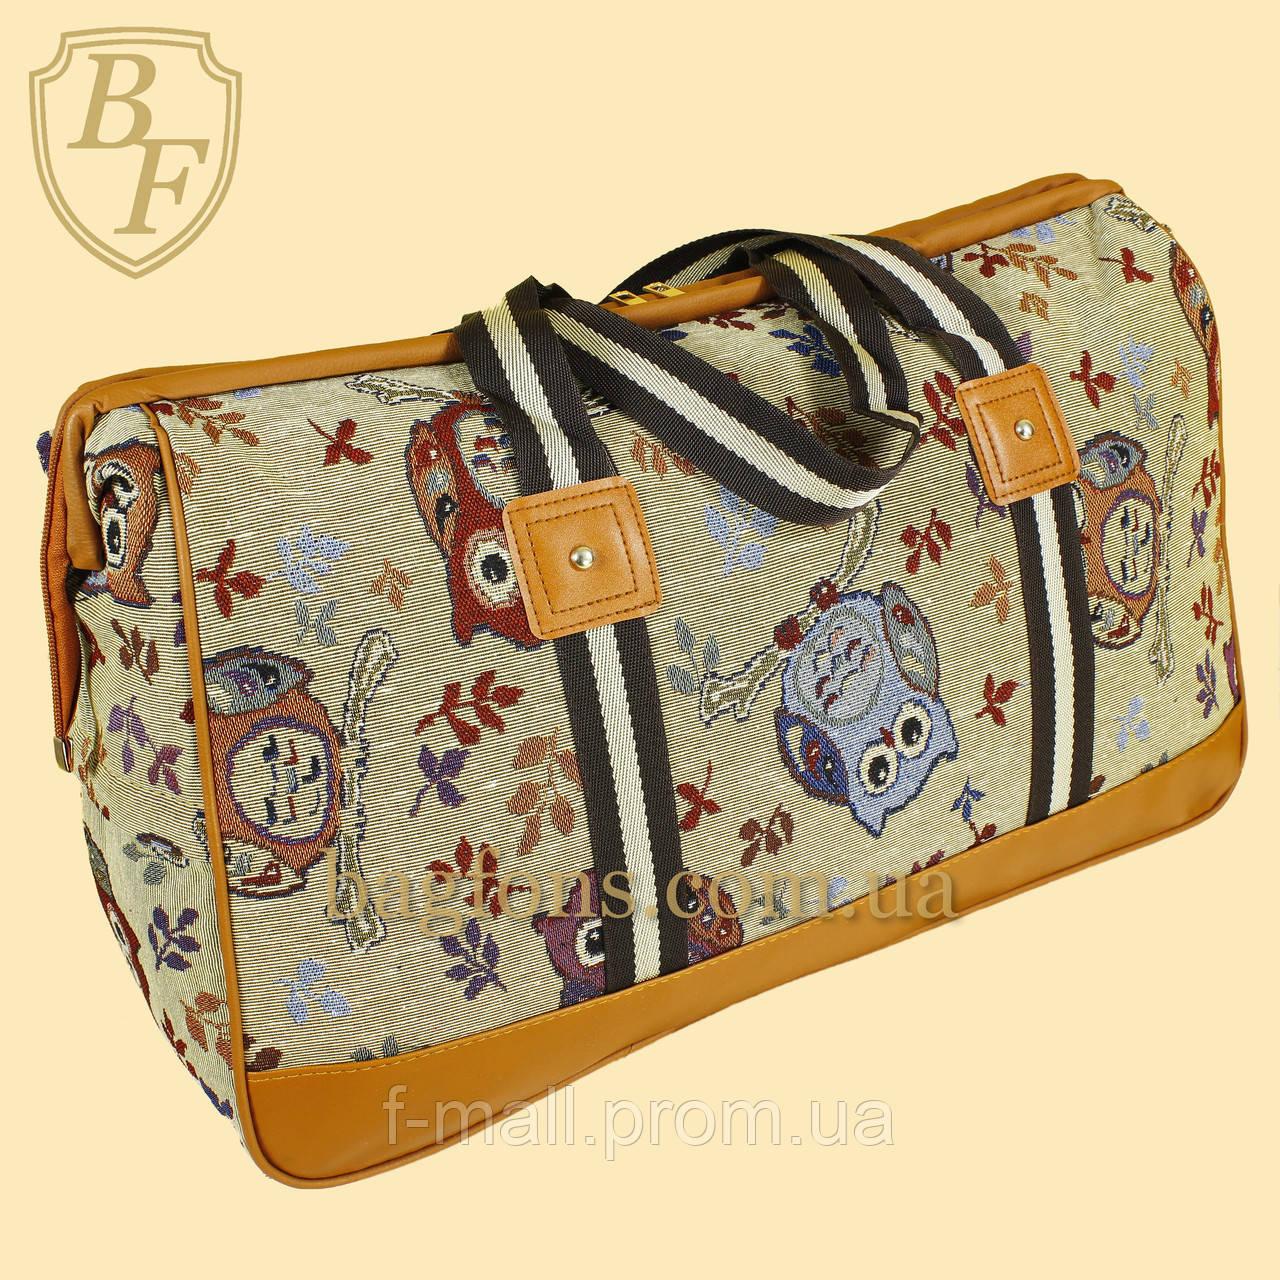 Женская дорожная сумка, саквояж с совами